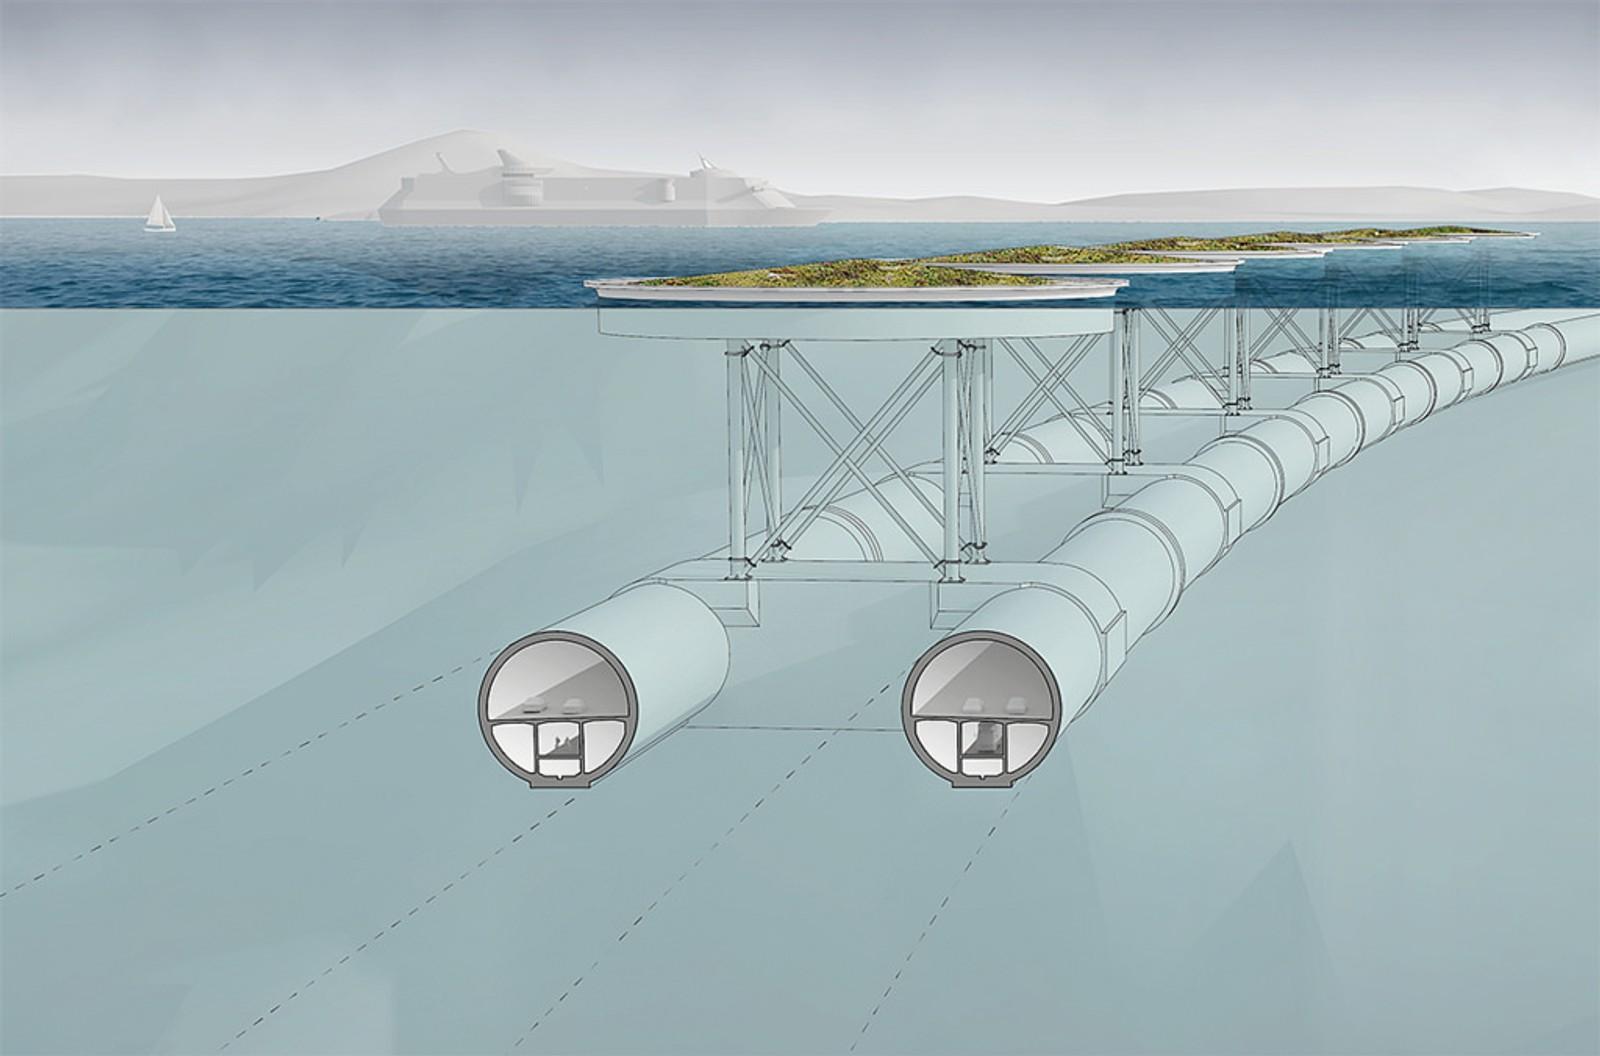 Ei røyrbru over Bjørnafjorden vil ha to løp med to felt i begge under vassoverflata. Brua vil bli minst 4,5 kilometer lang. Her ser vi løysing med bruforankring i flytande pongtongar.